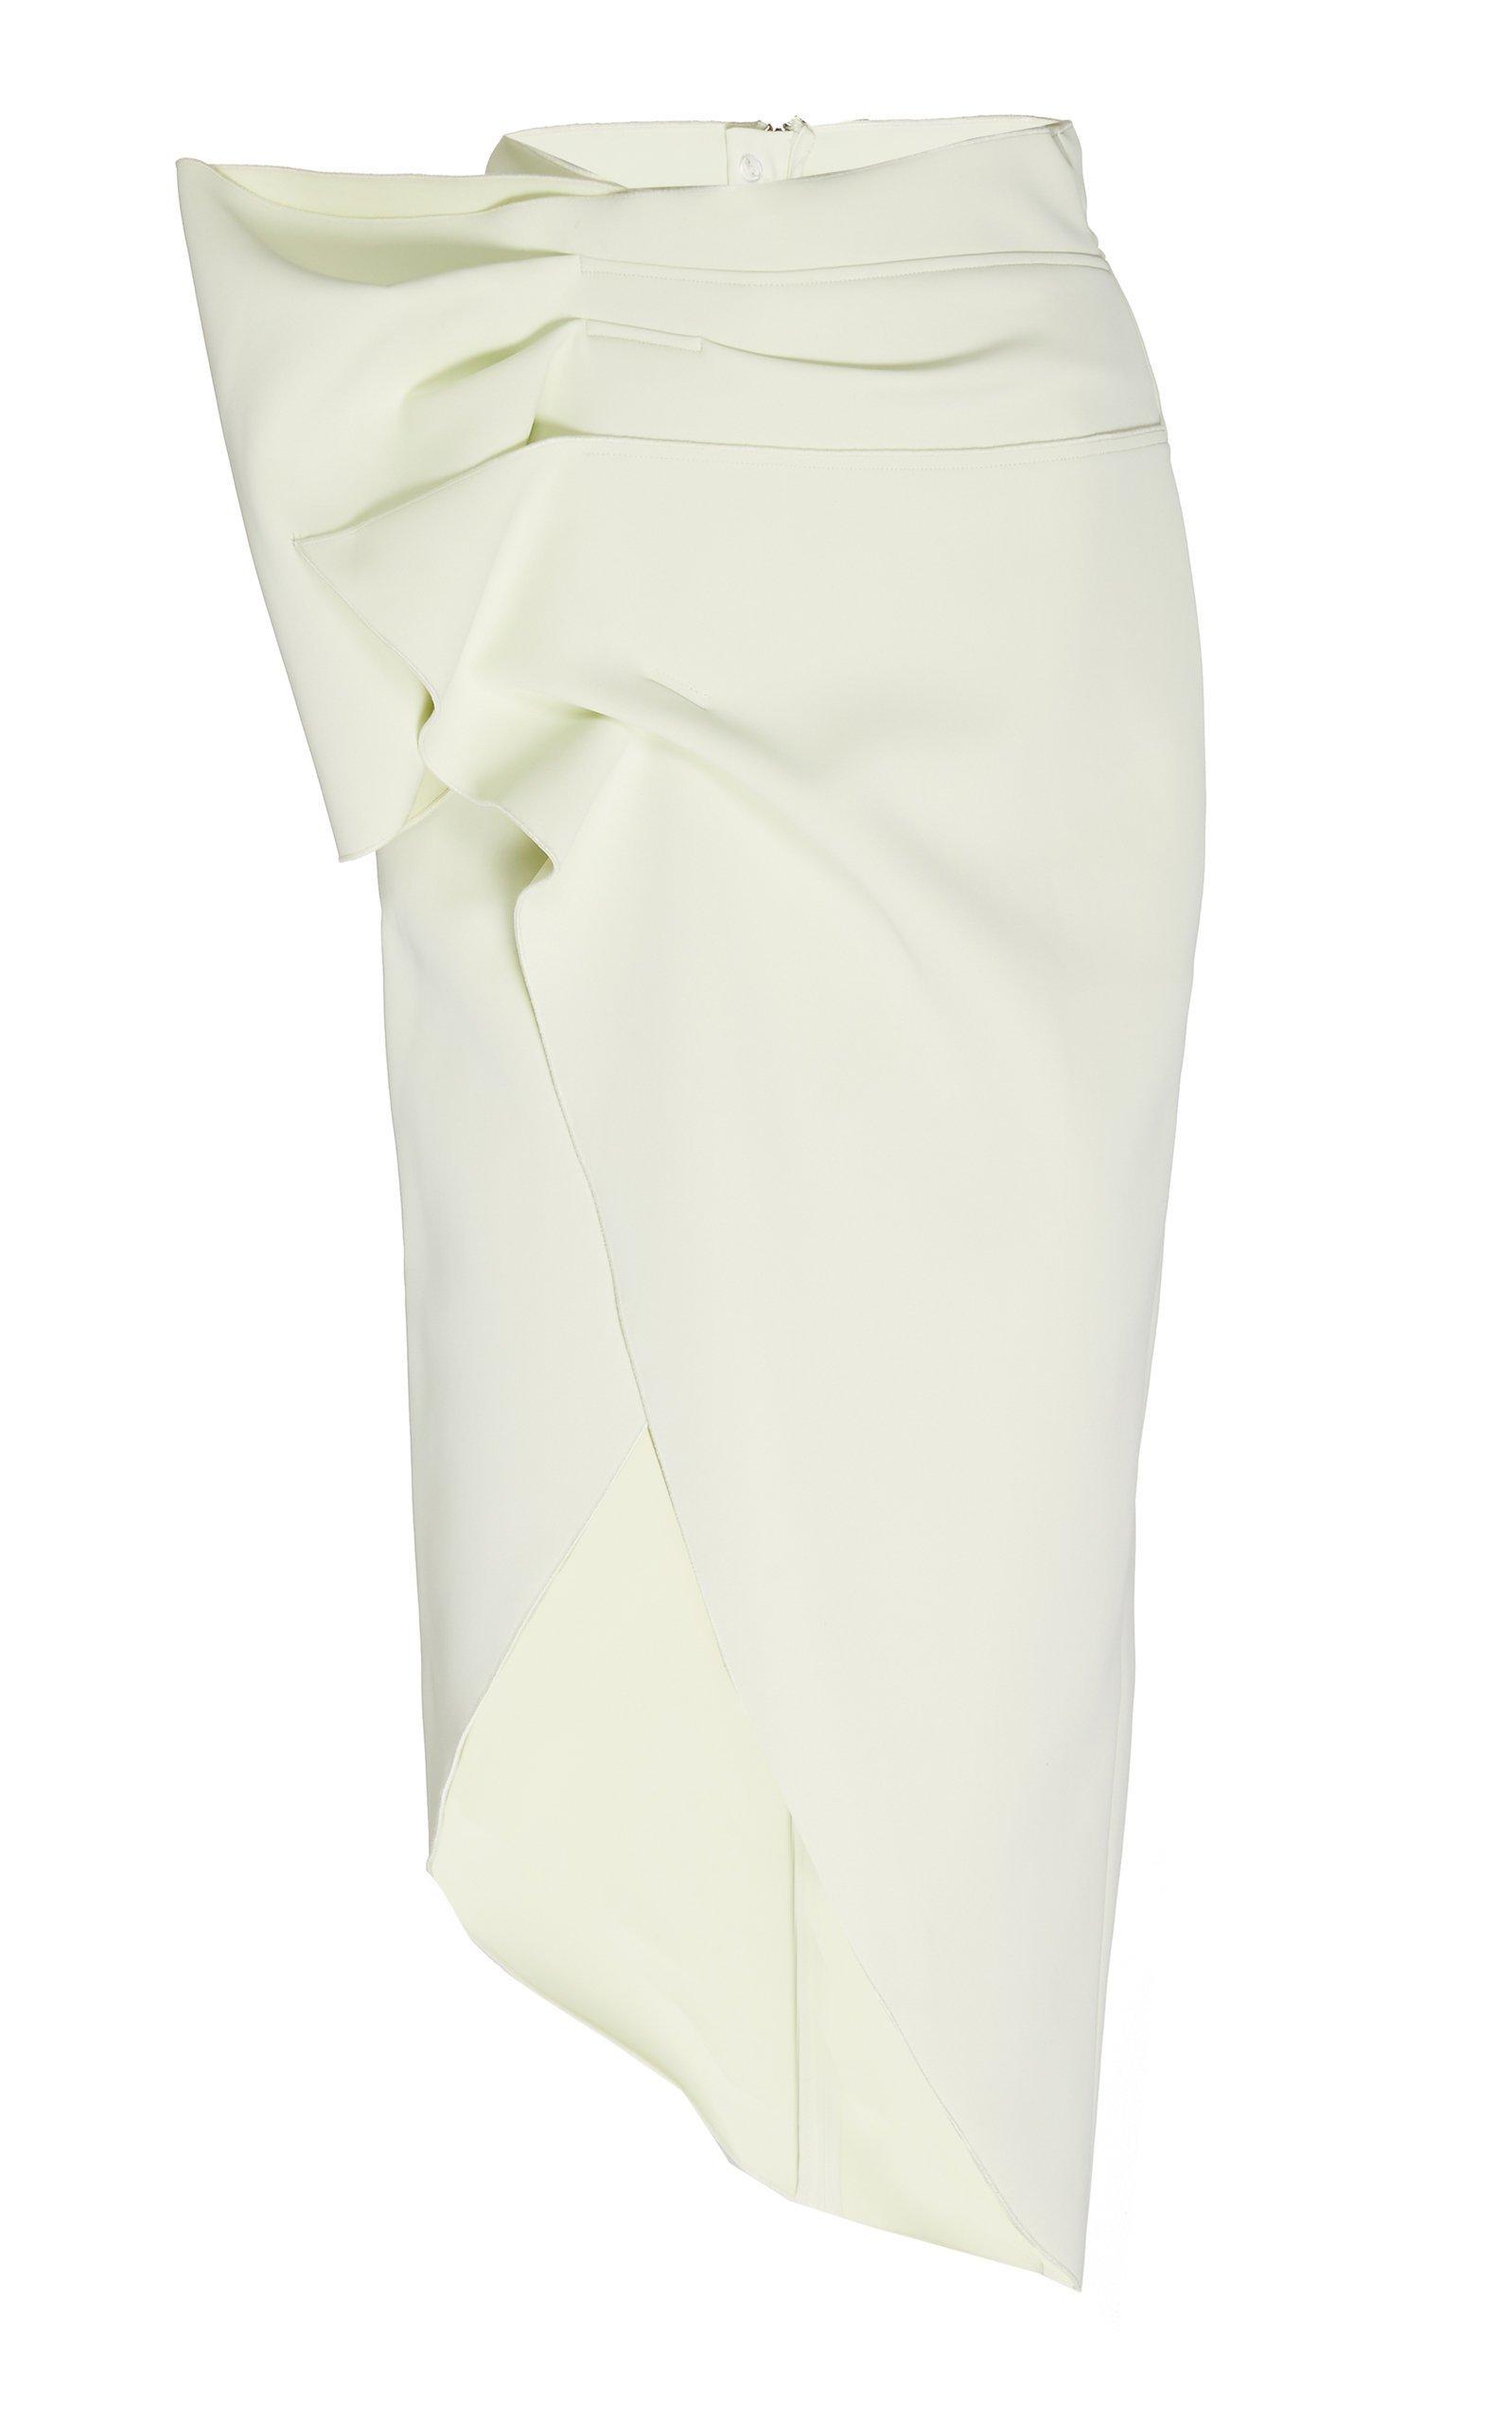 Acler Mancroft High Waisted Tulip Pencil Skirt